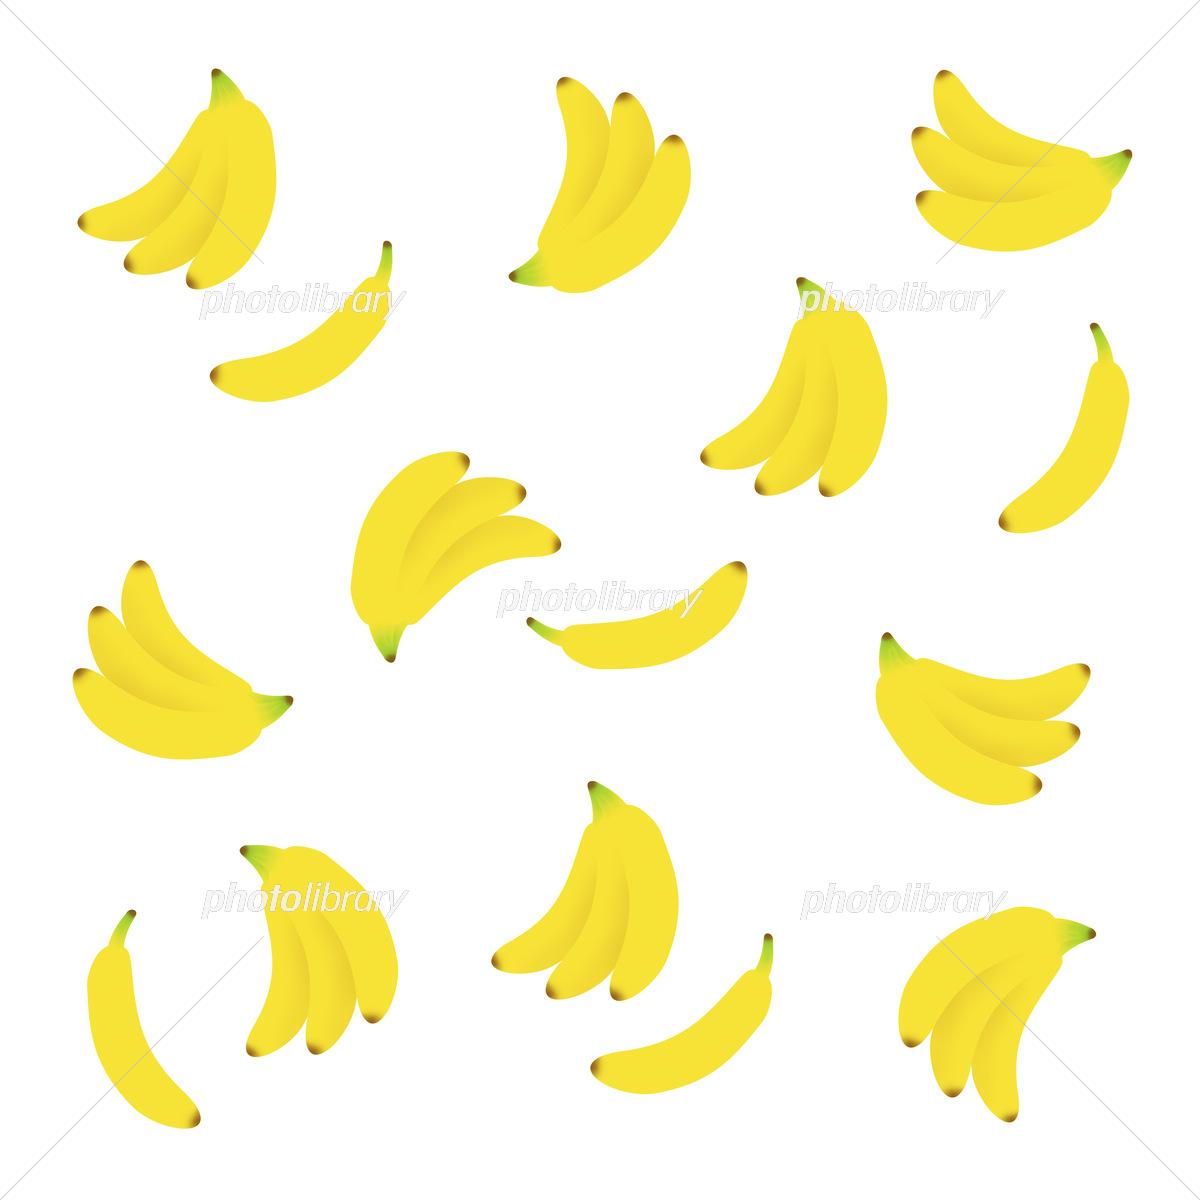 バナナの背景 イラスト素材 6252041 フォトライブラリー